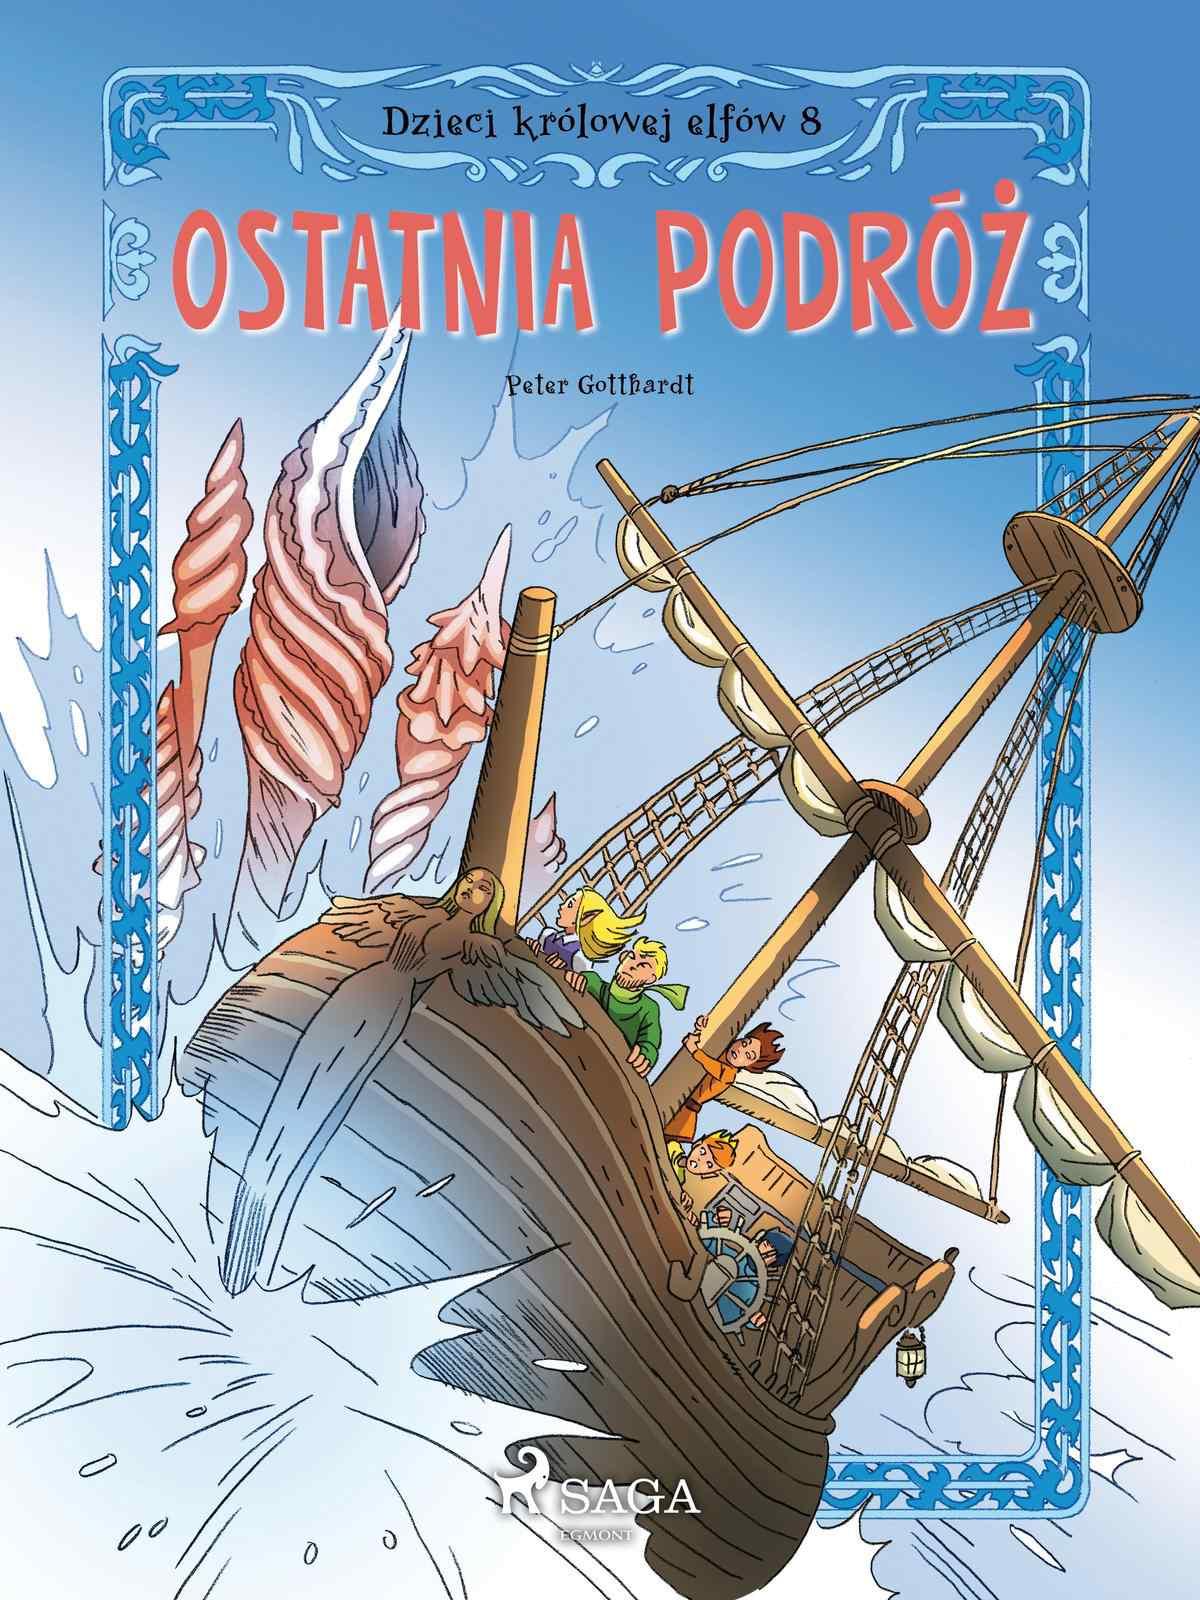 Dzieci królowej elfów 8 - Ostatnia podróż - Ebook (Książka na Kindle) do pobrania w formacie MOBI